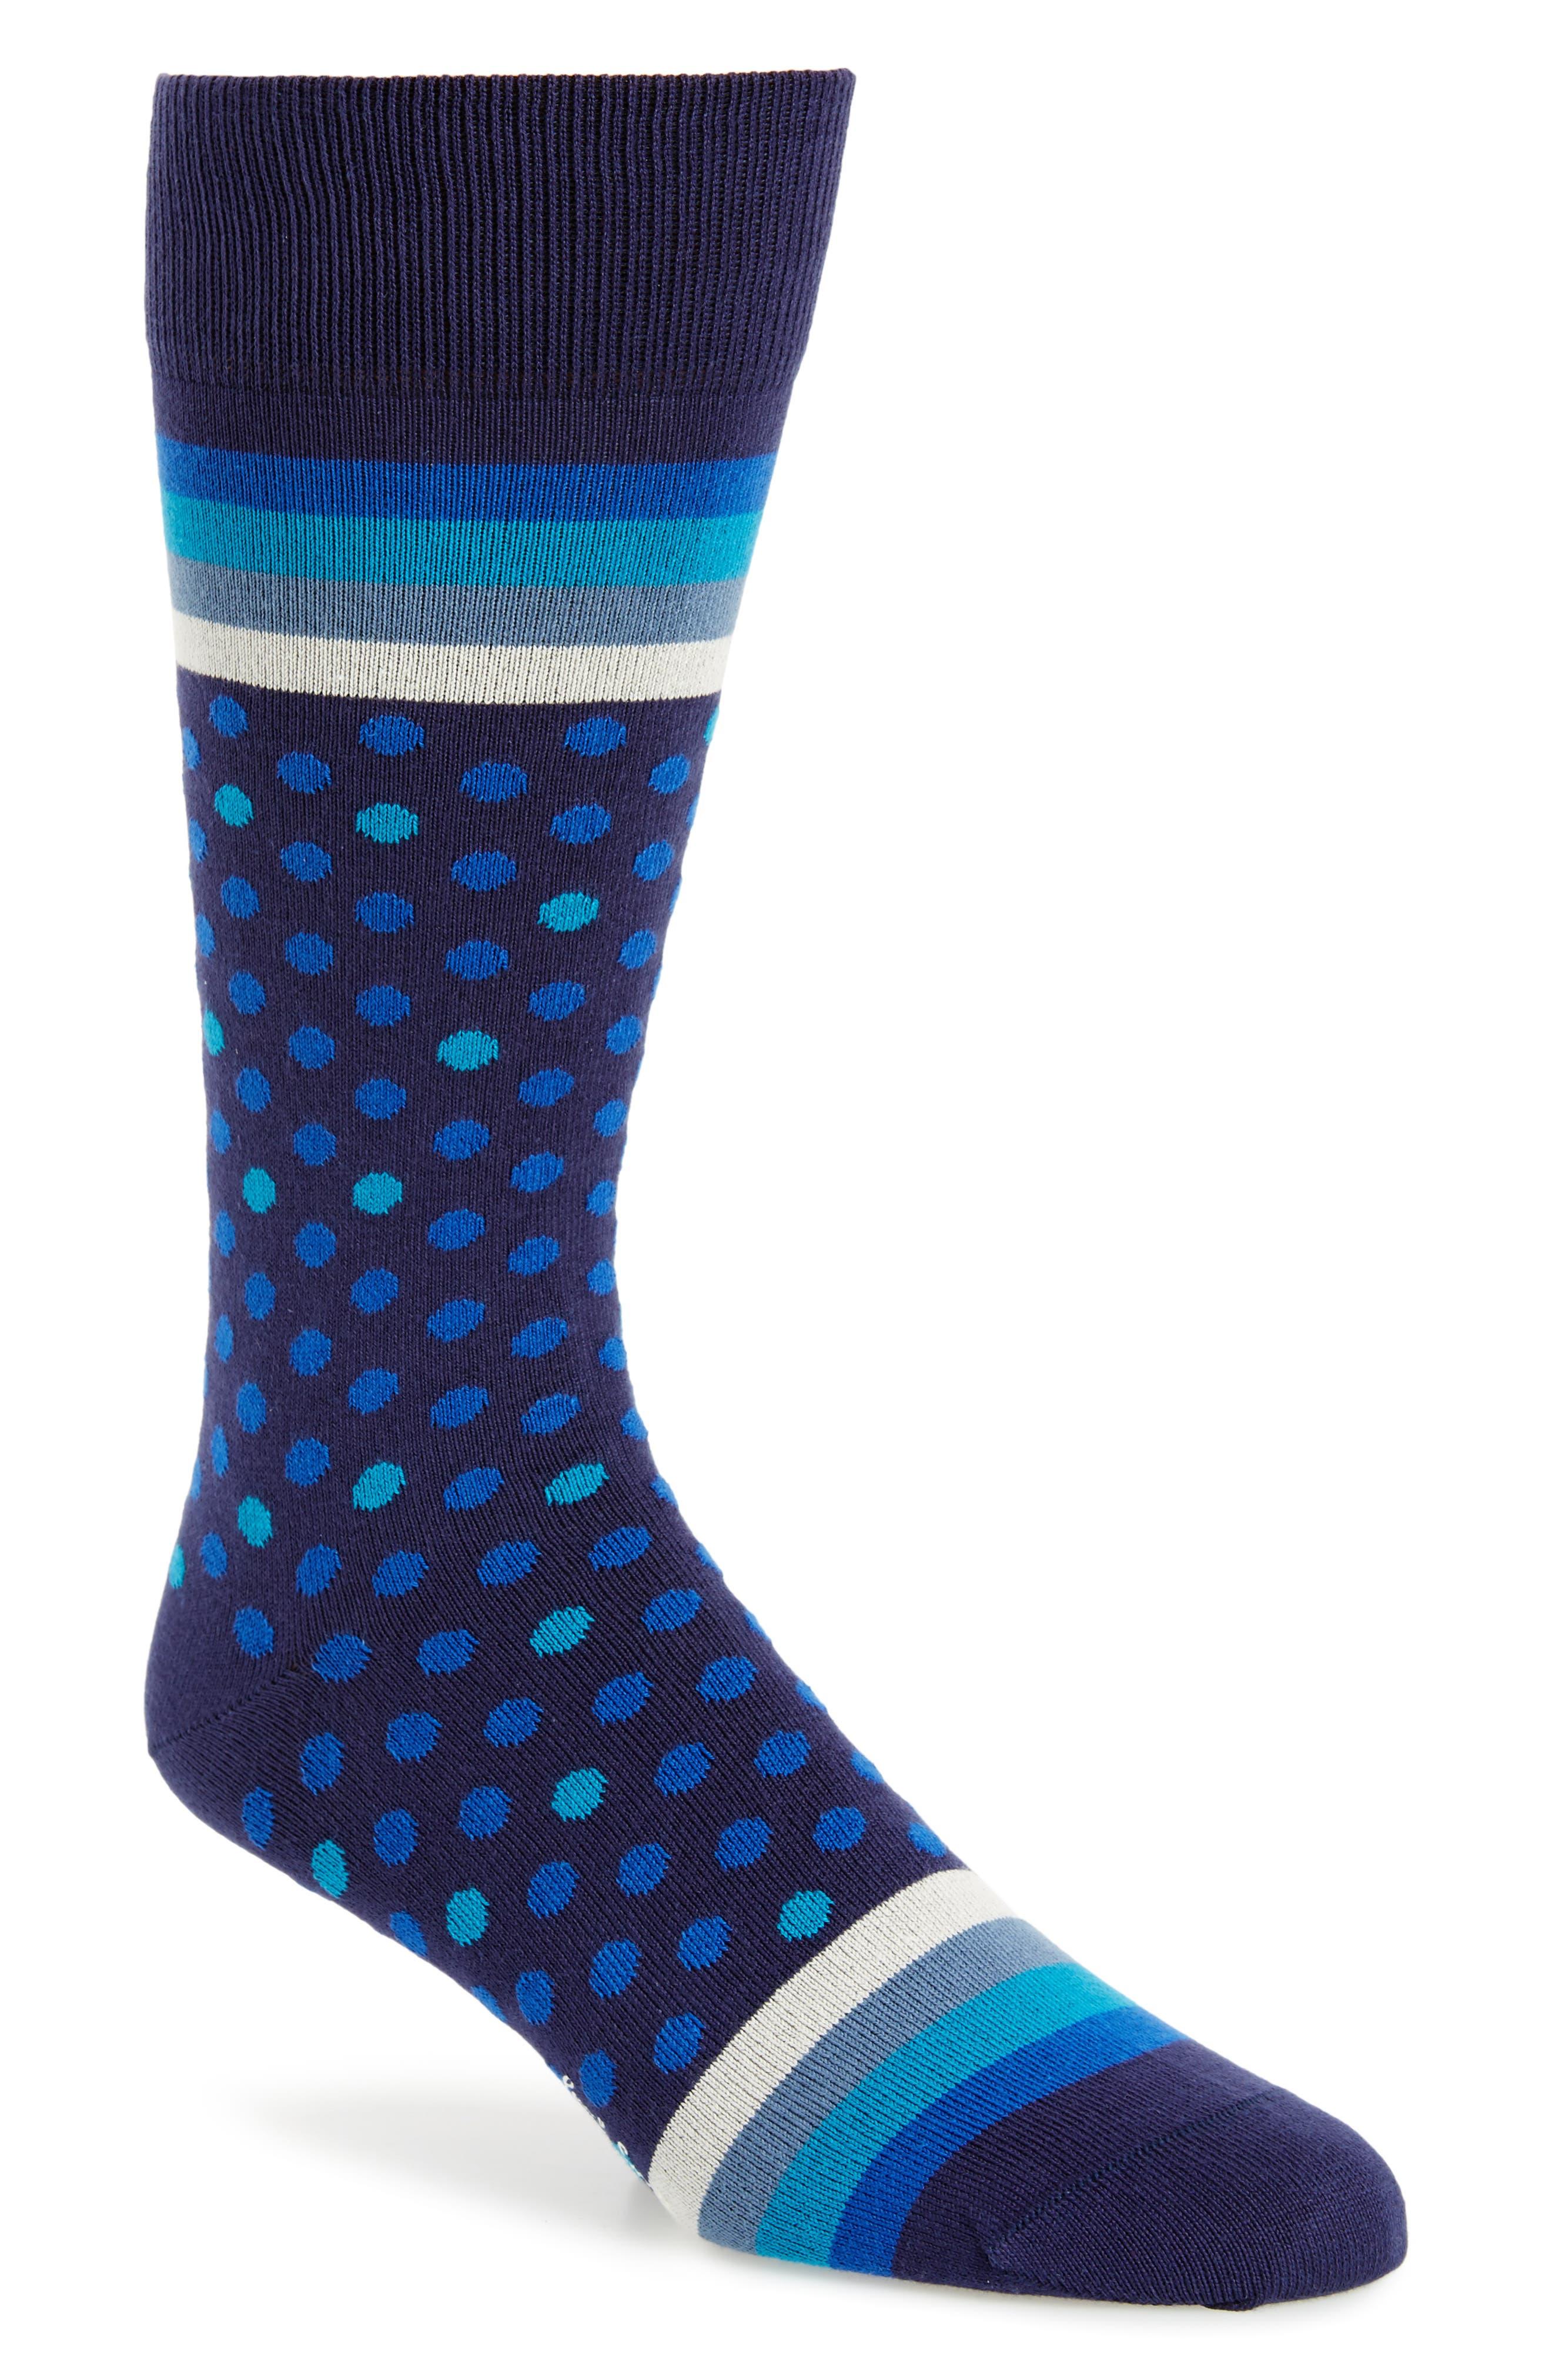 Paul Smith Dot & Stripe Socks